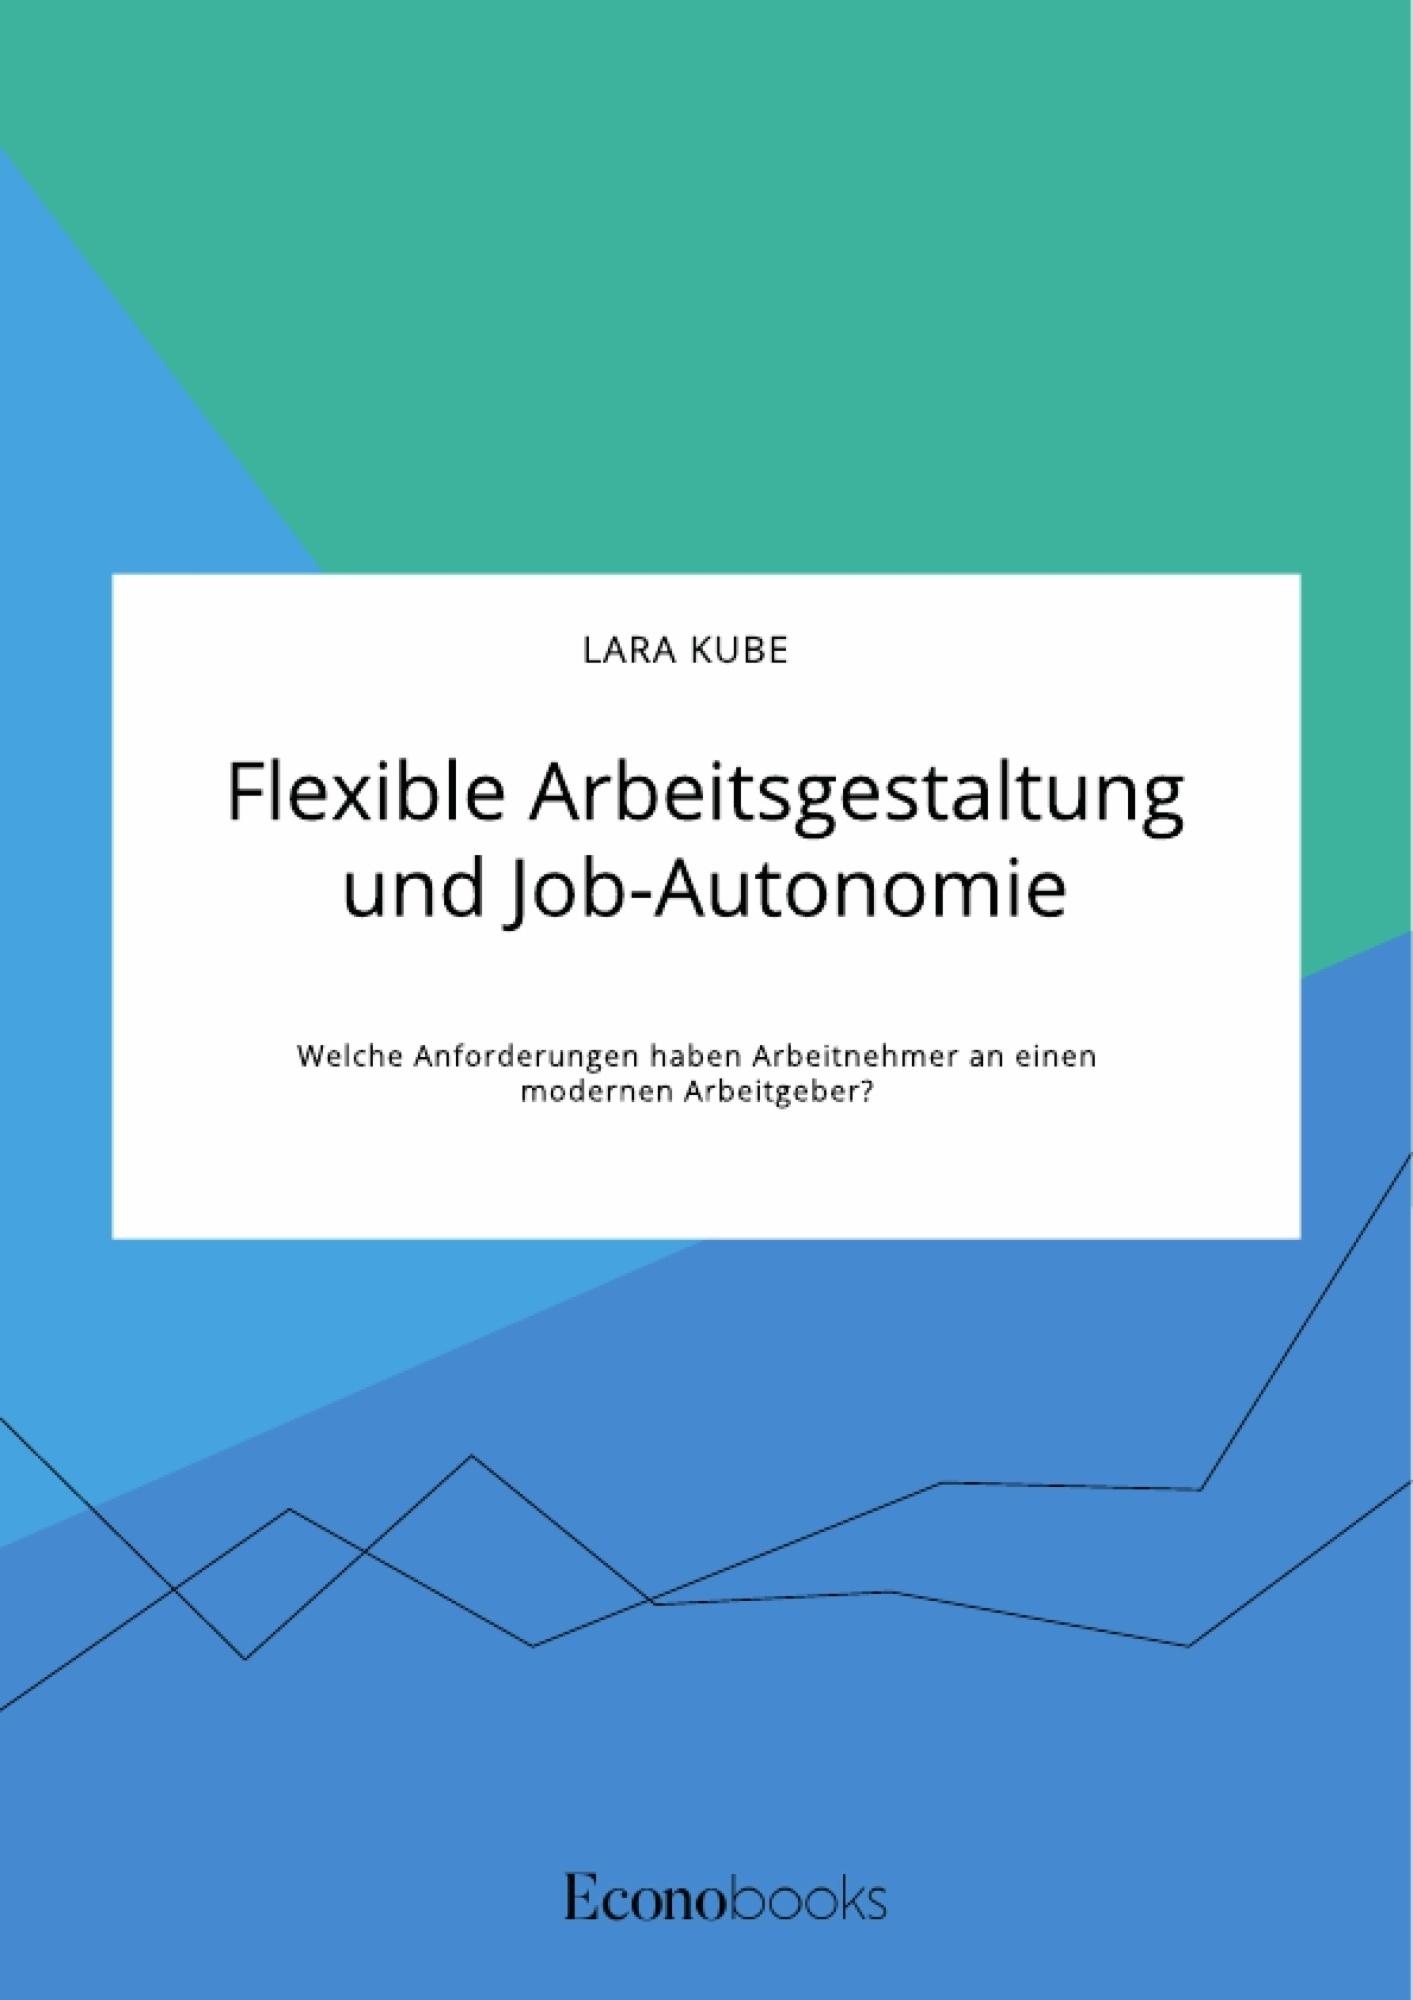 Titel: Flexible Arbeitsgestaltung und Job-Autonomie. Welche Anforderungen haben Arbeitnehmer an einen modernen Arbeitgeber?